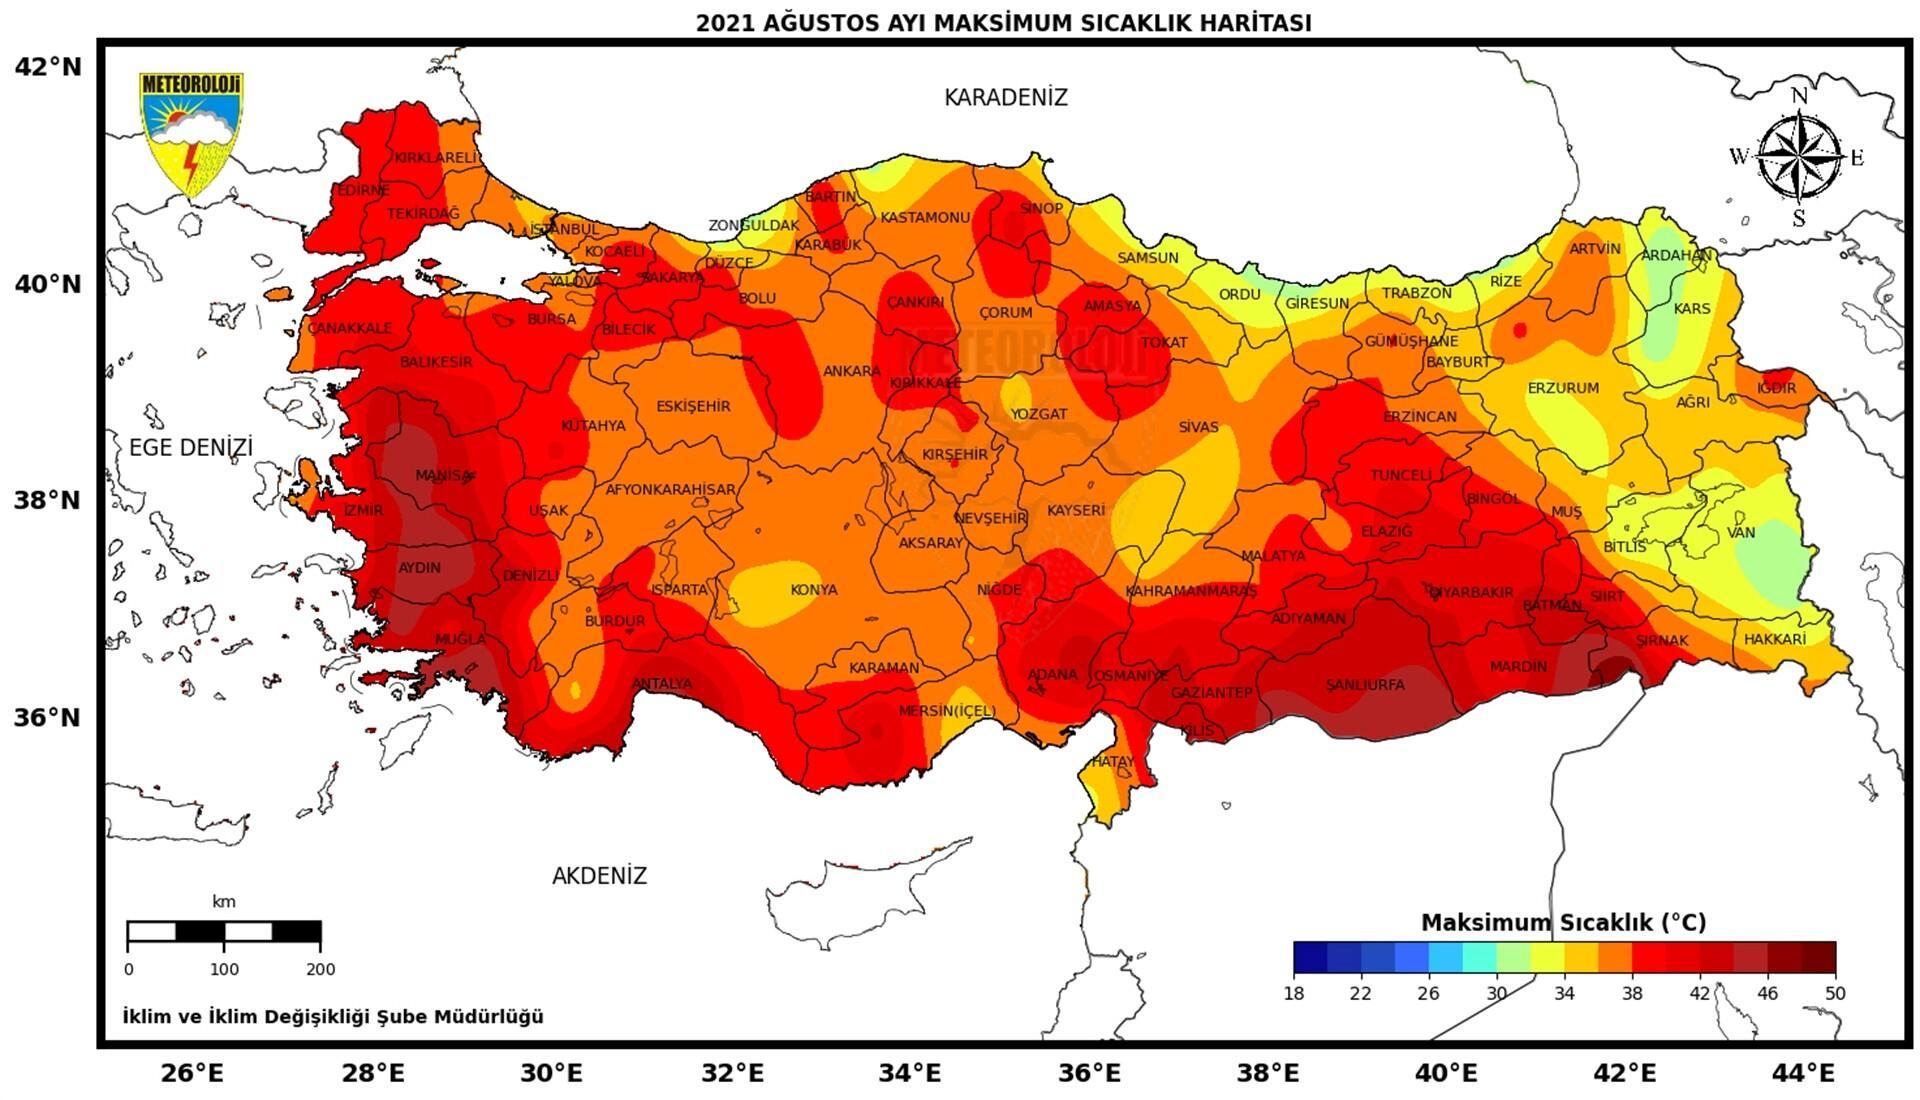 Son dakika: Meteoroloji'den sıcaklık haritası! Son 50 yılın en sıcak 6'ncı Ağustos'u